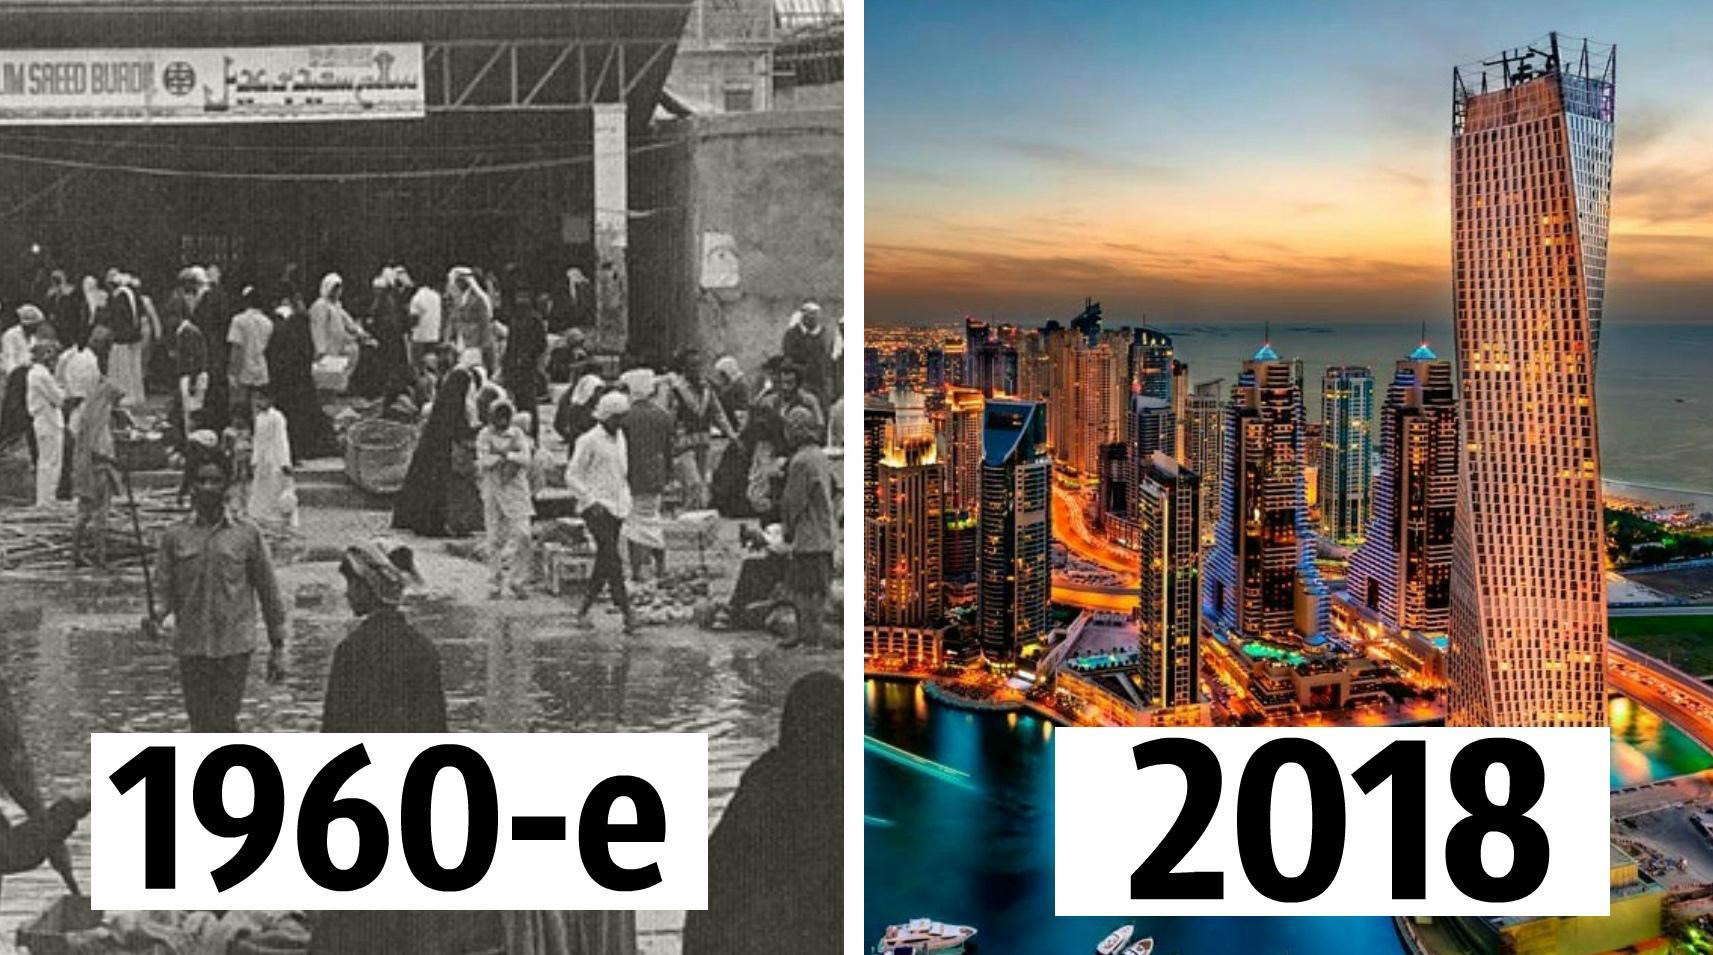 Дубай фото раньше и сейчас как получить вид на жительство в грузии гражданину россии